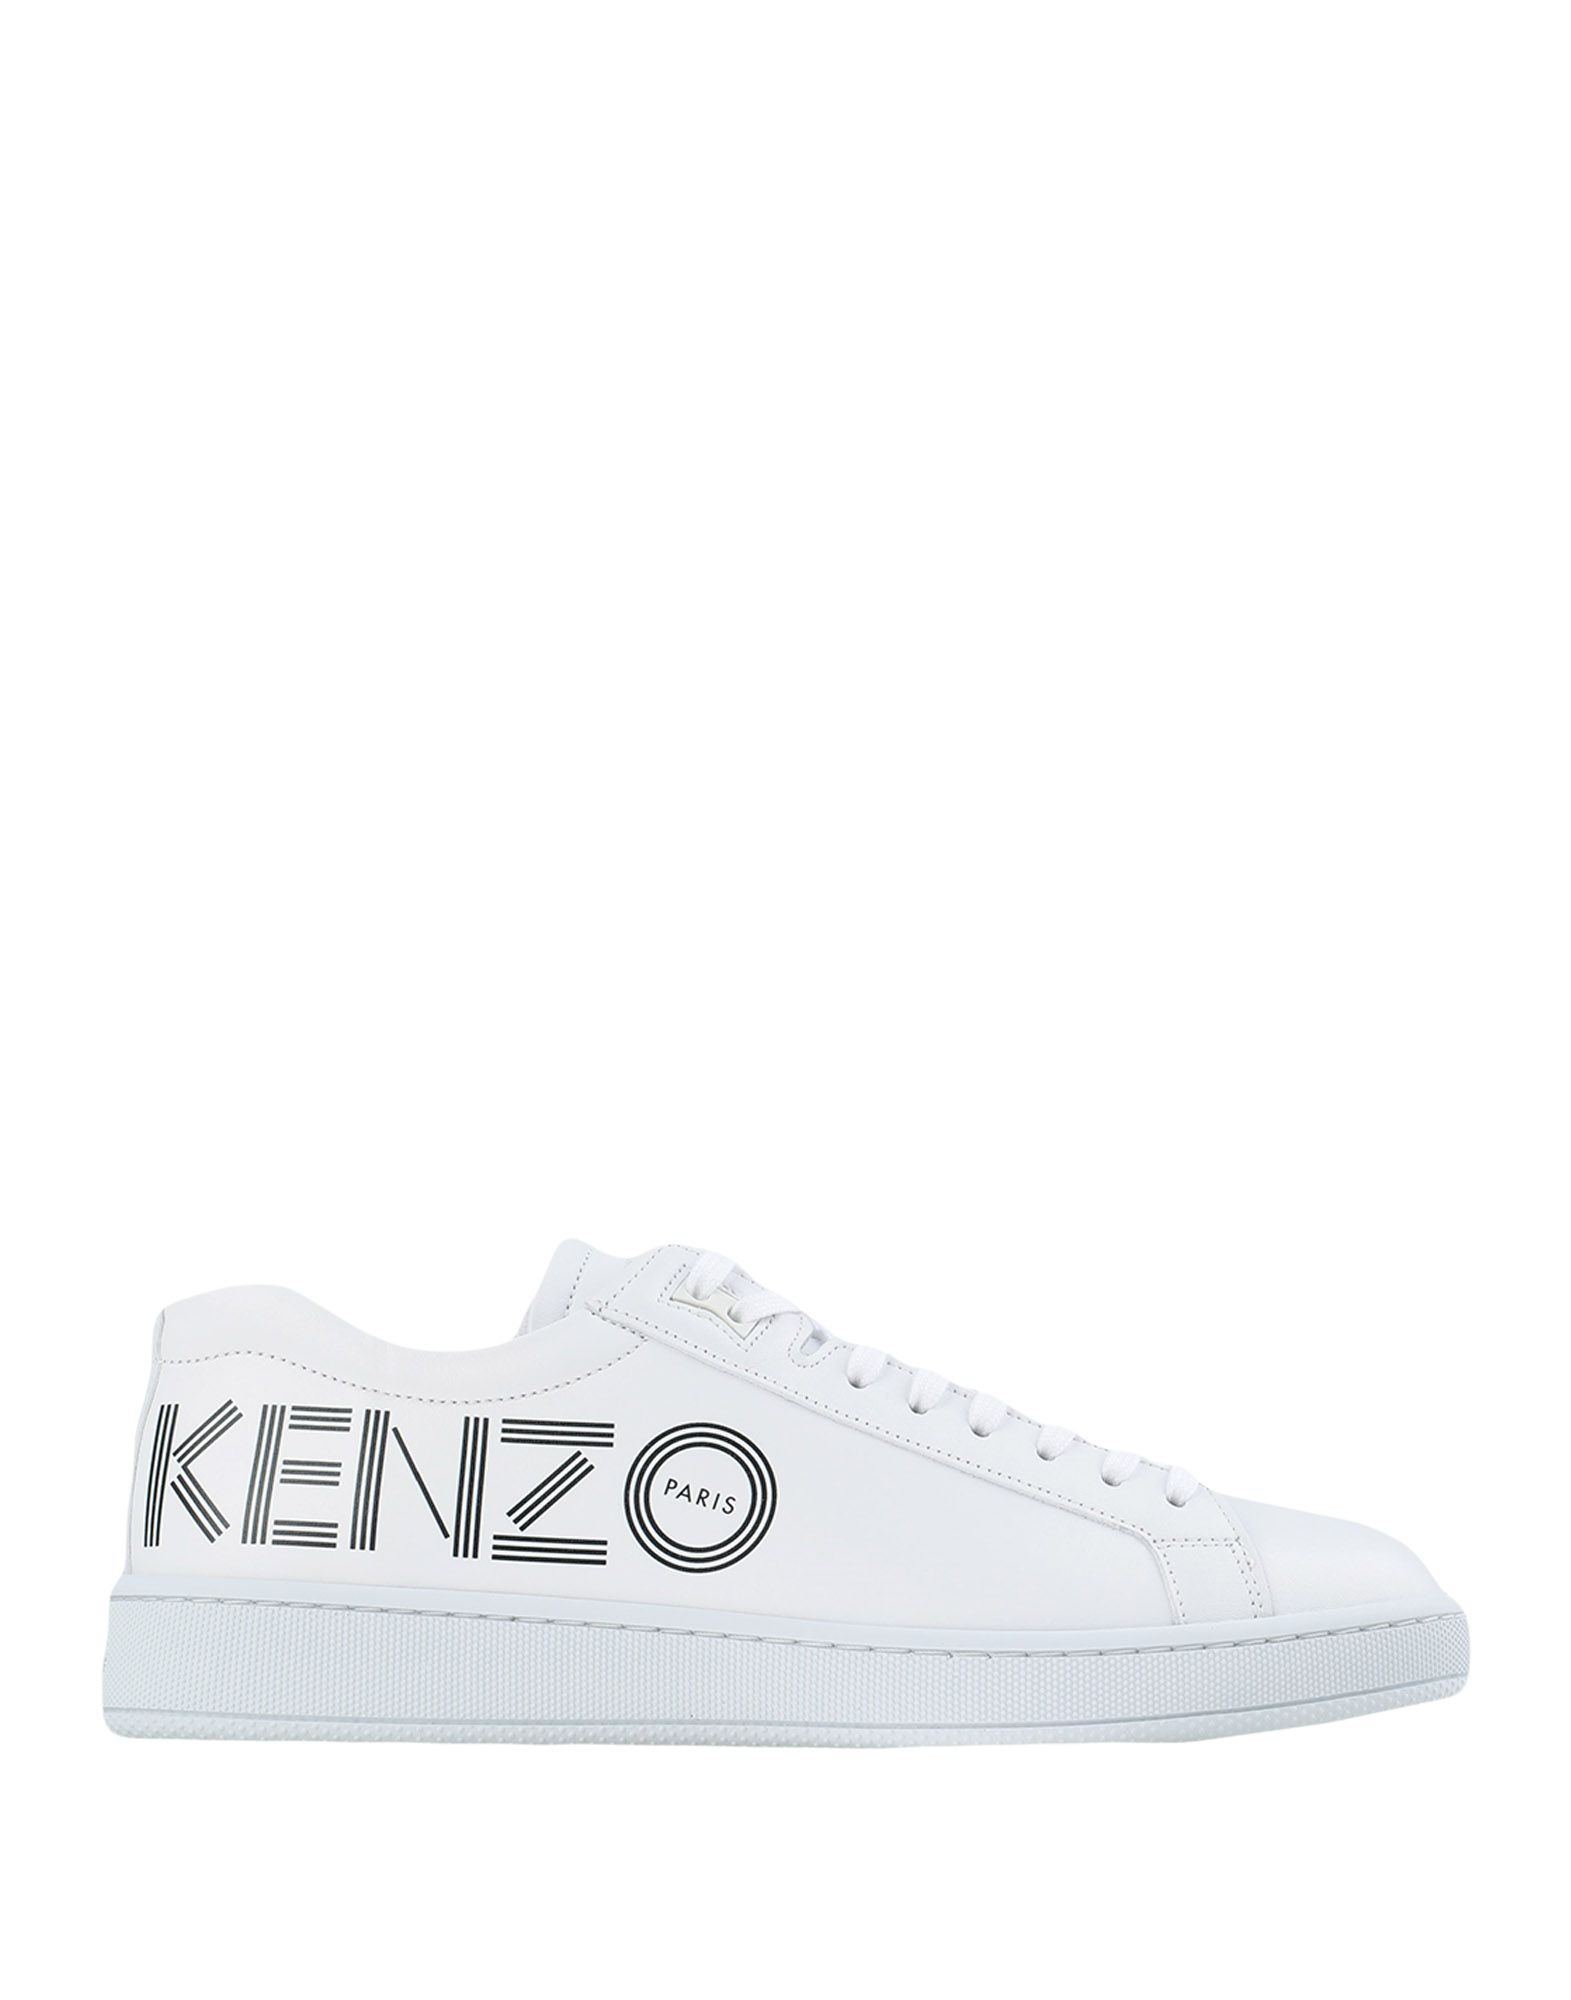 KENZO Низкие кеды и кроссовки kenzo высокие кеды и кроссовки